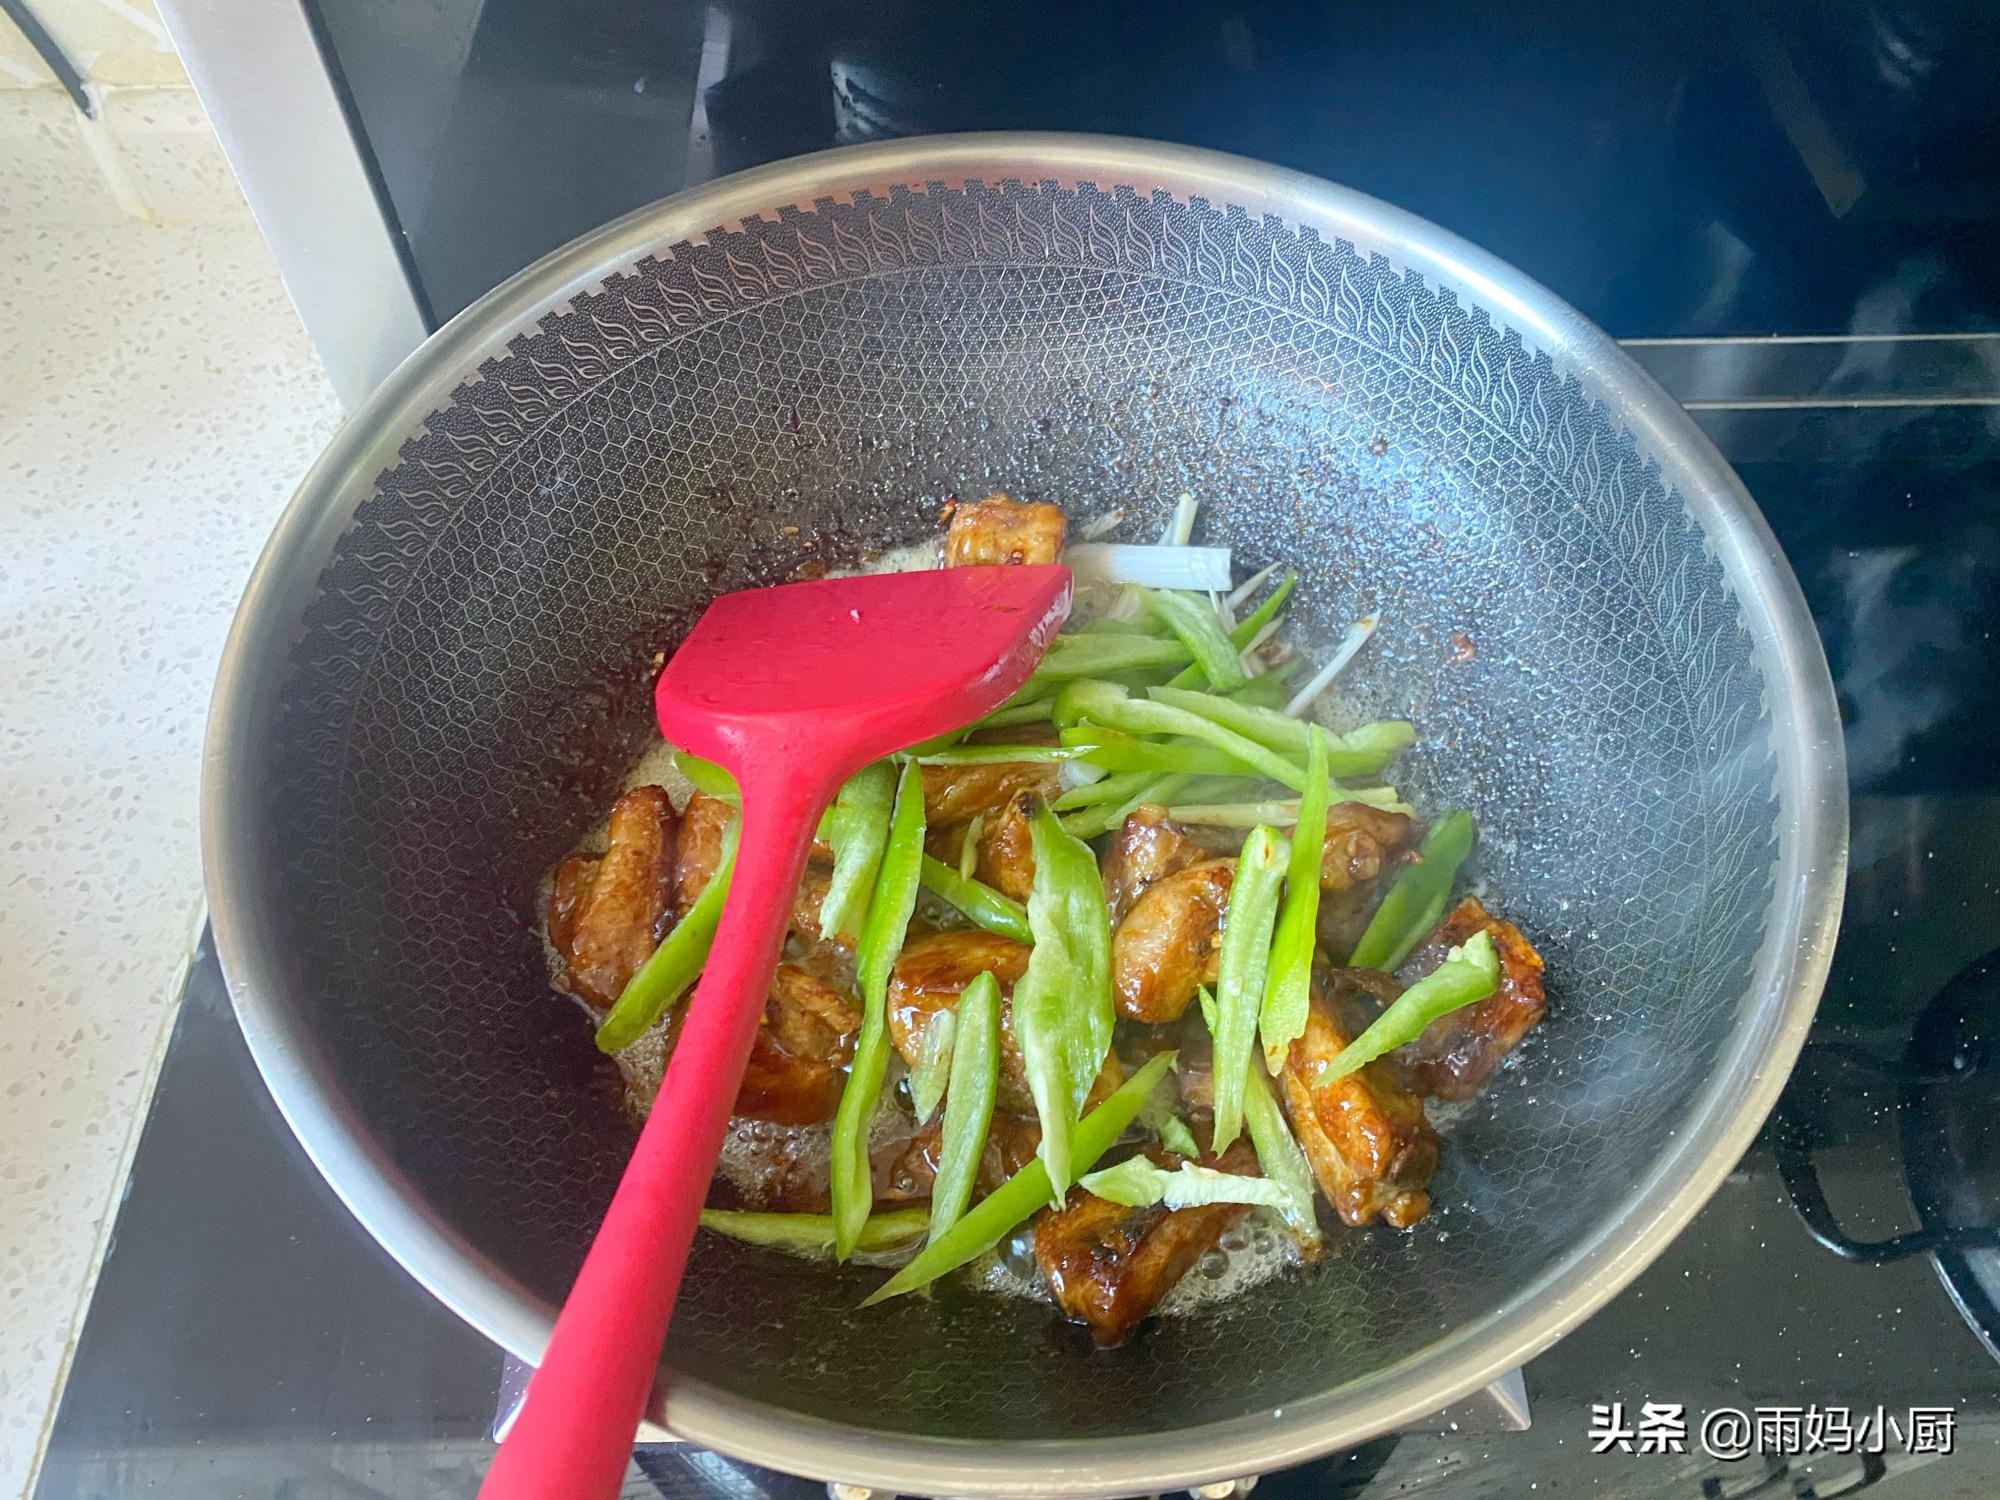 排骨别只会煲汤了,试试这做法,软嫩入味又下饭,好吃到吮手指